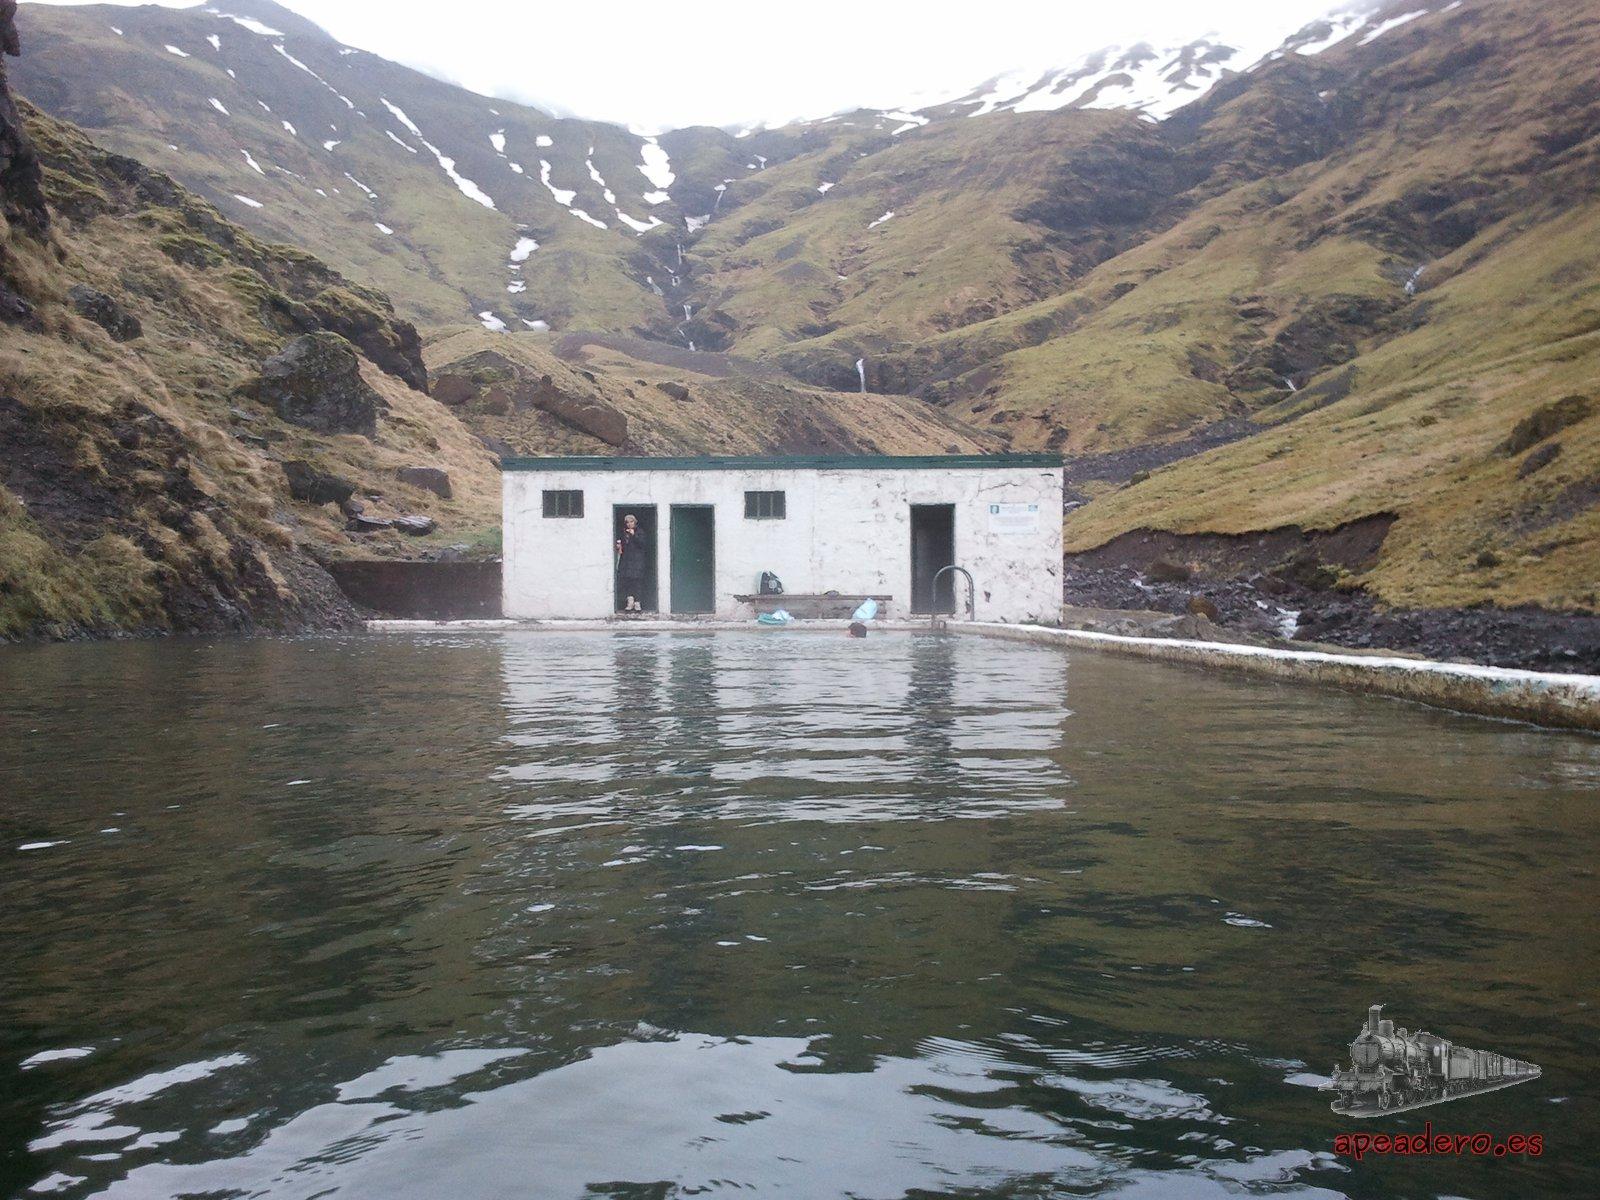 La vieja piscina termal de Seljavallalaug conserva sus vestuarios, aunque se conserva en muy mal estado.